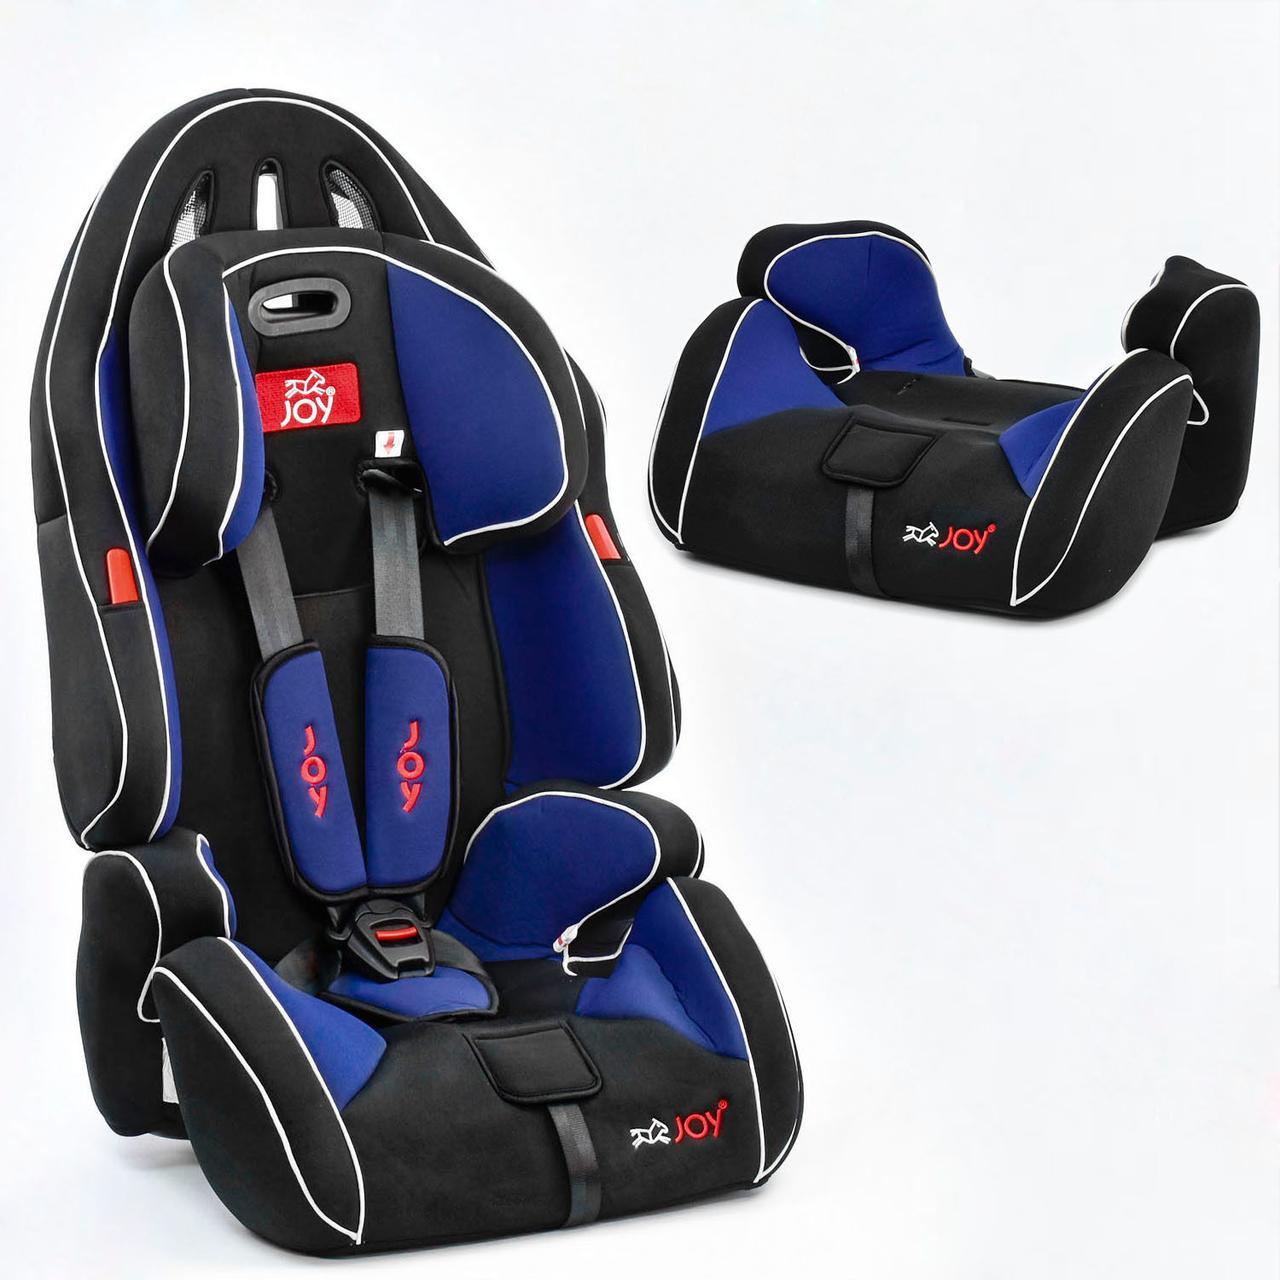 Универсальное автокресло для ребенка G 2010 цвет чёрно-синий, группа 1/2/3, 9-36 кг